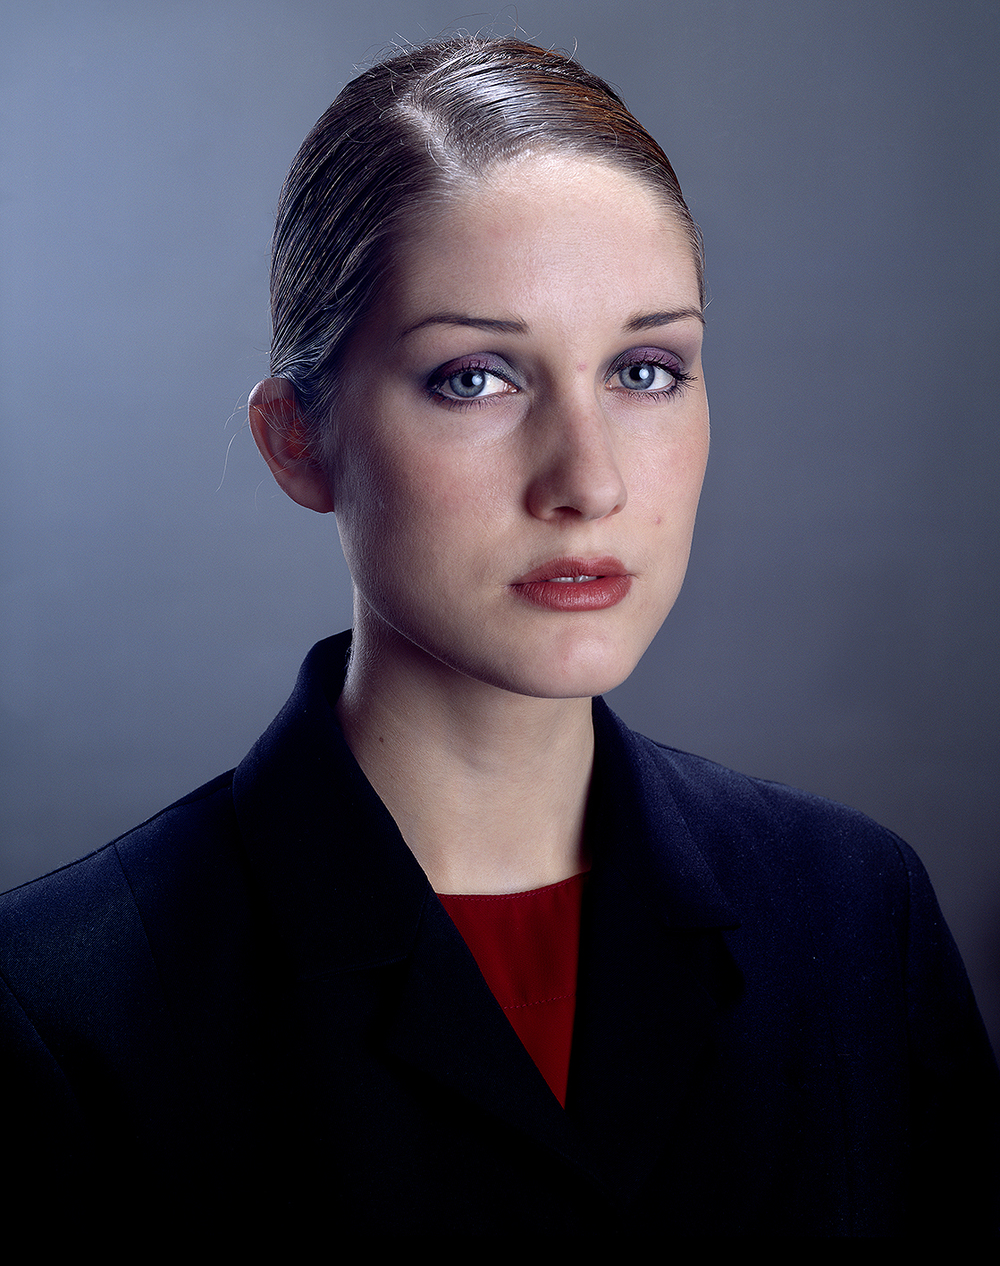 Cosmetician, Shiseido, 2002